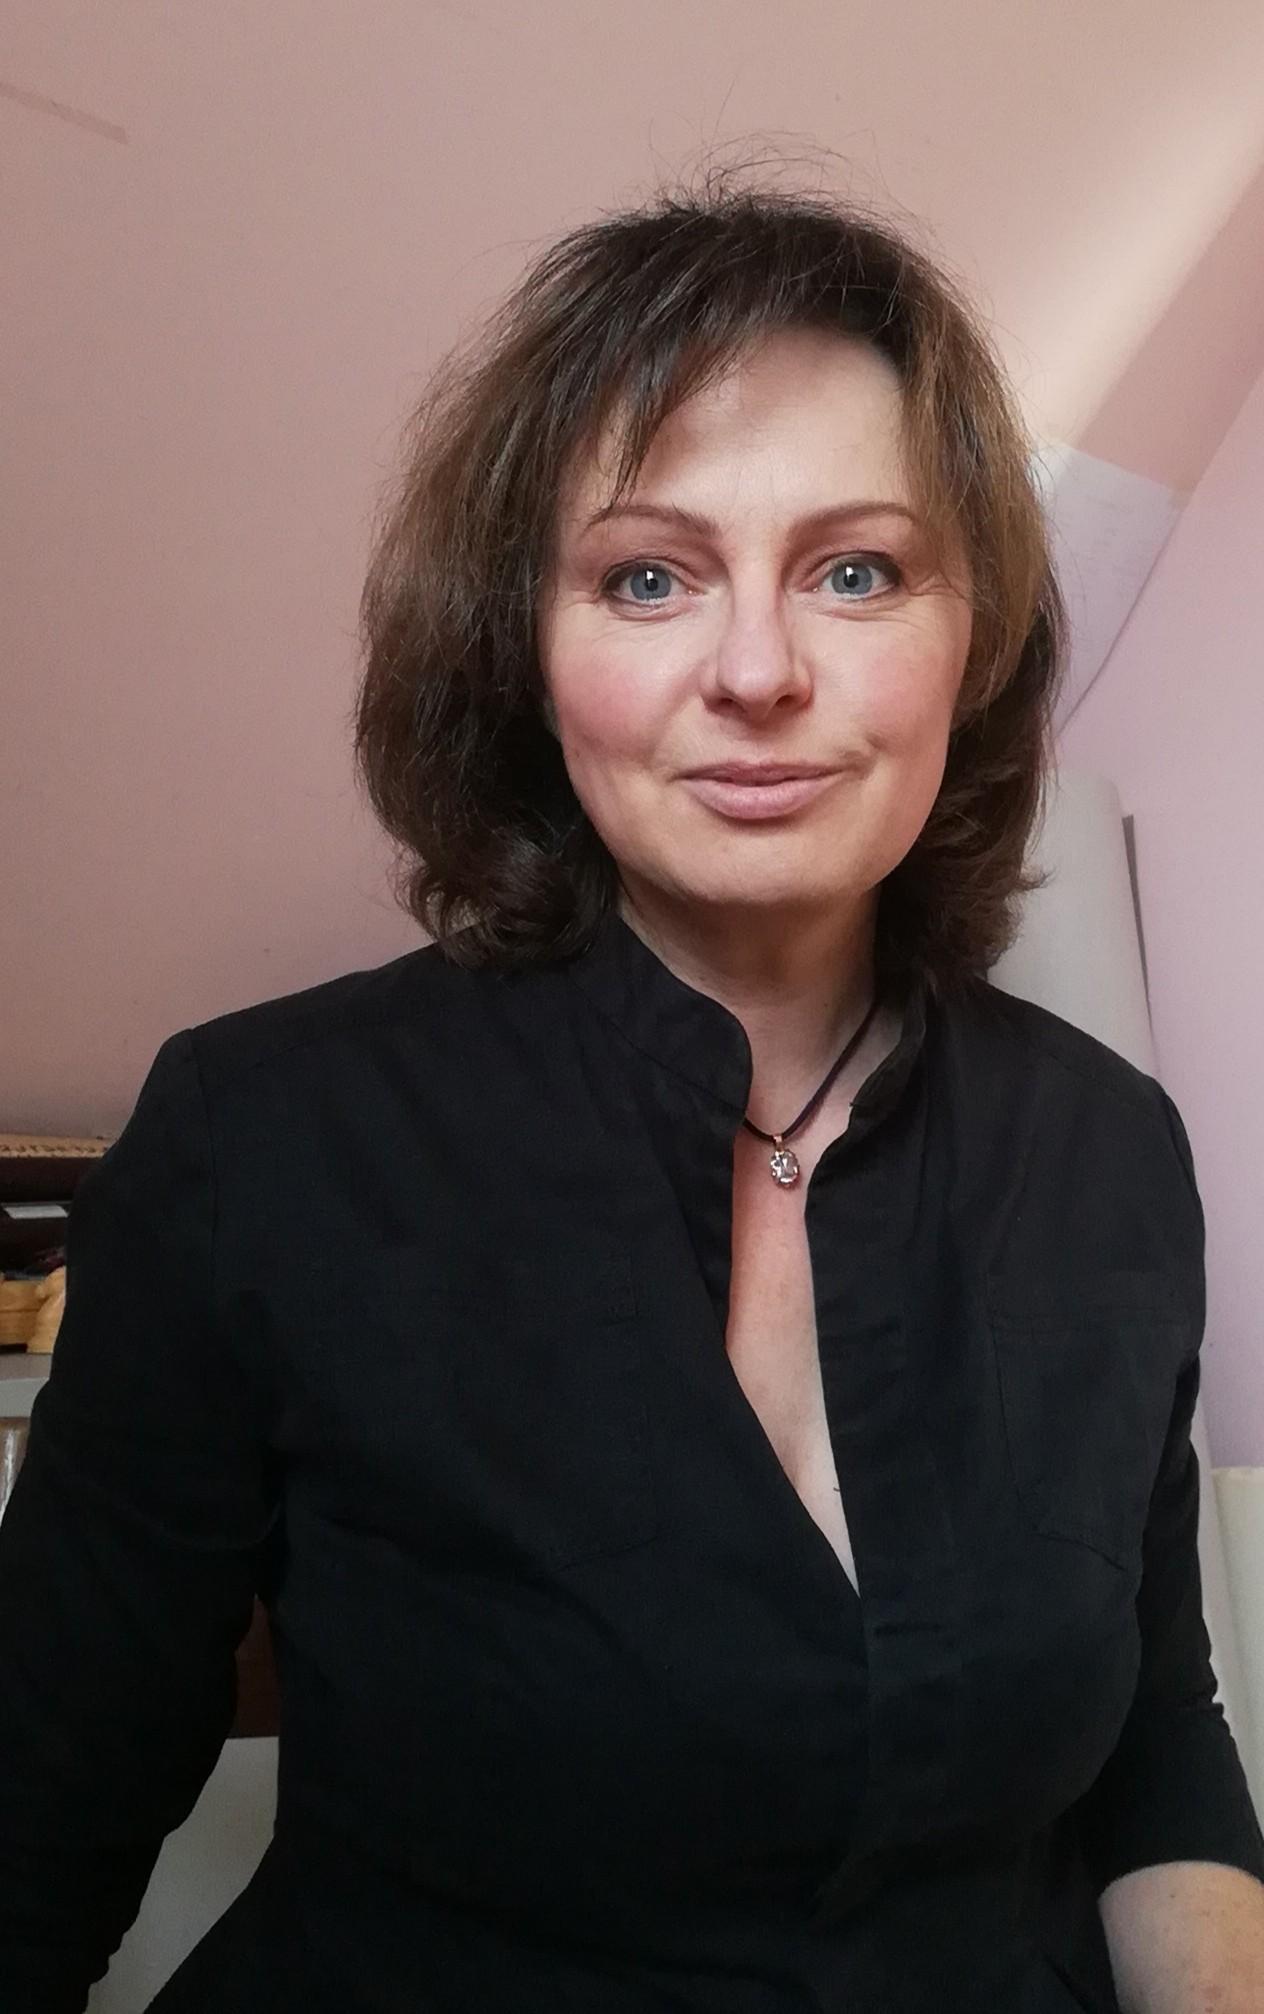 Daiva Rožukienė